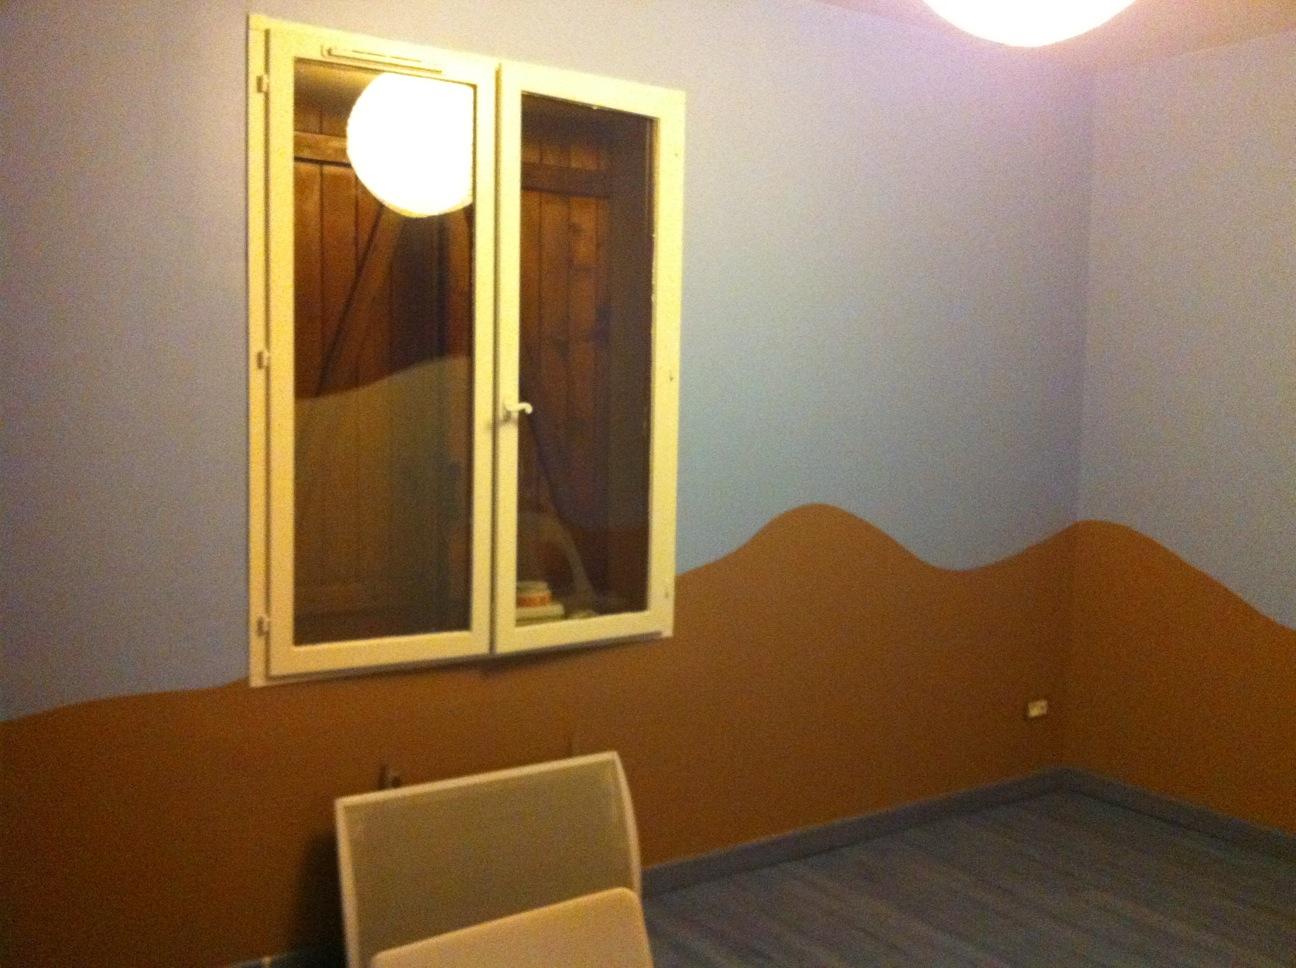 decoration salle de jeux id es et conseils d co decoration salle de jeux finitions peintures. Black Bedroom Furniture Sets. Home Design Ideas